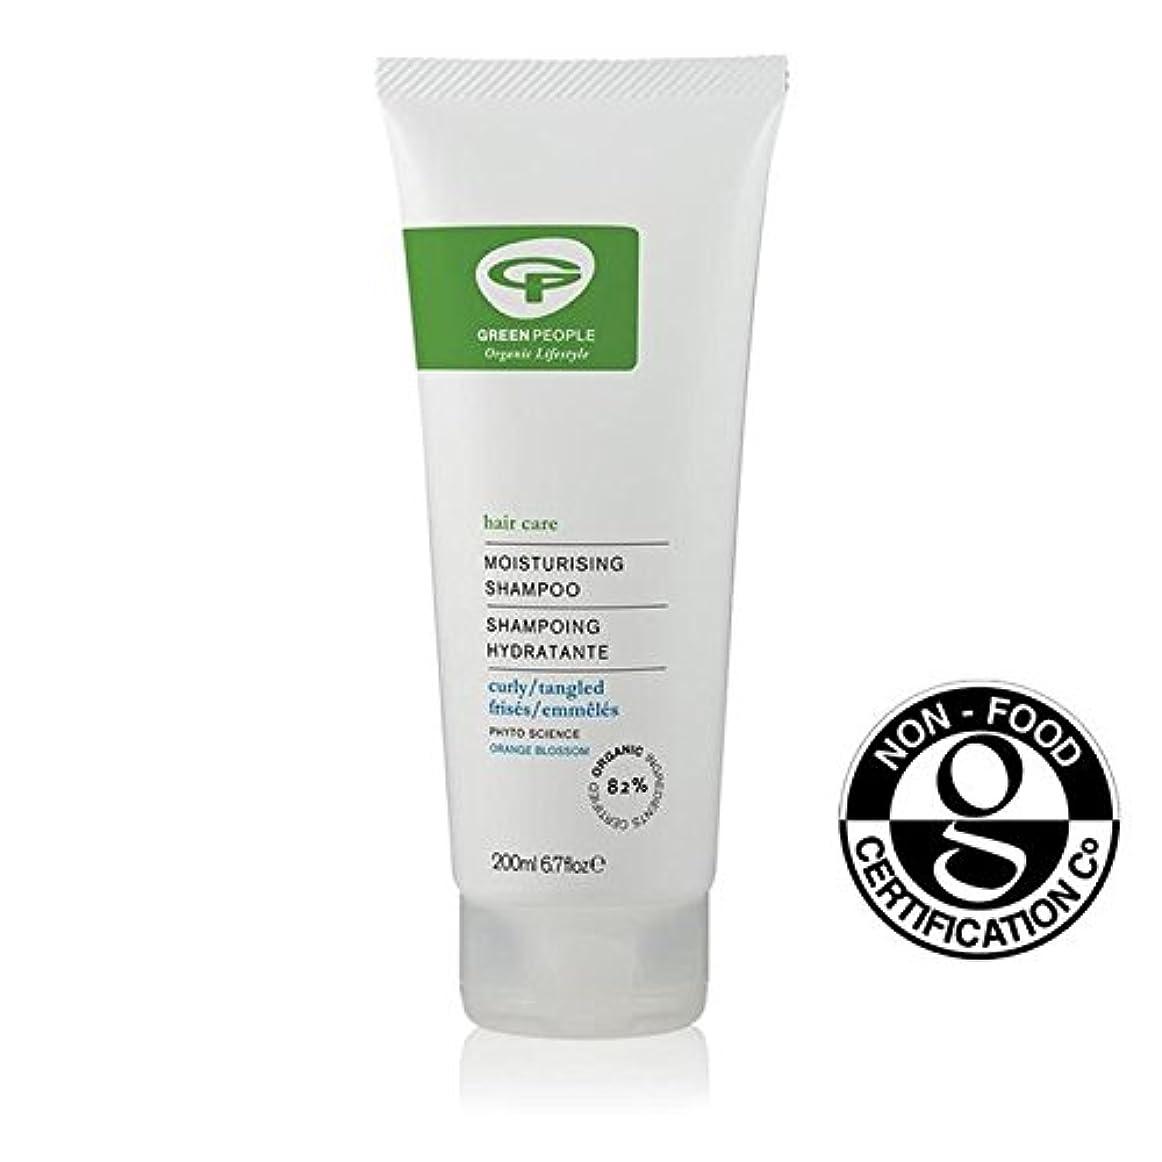 怒り思慮のない建てるGreen People Organic Moisturising Shampoo 200ml - 緑の人々の有機保湿シャンプー200ミリリットル [並行輸入品]